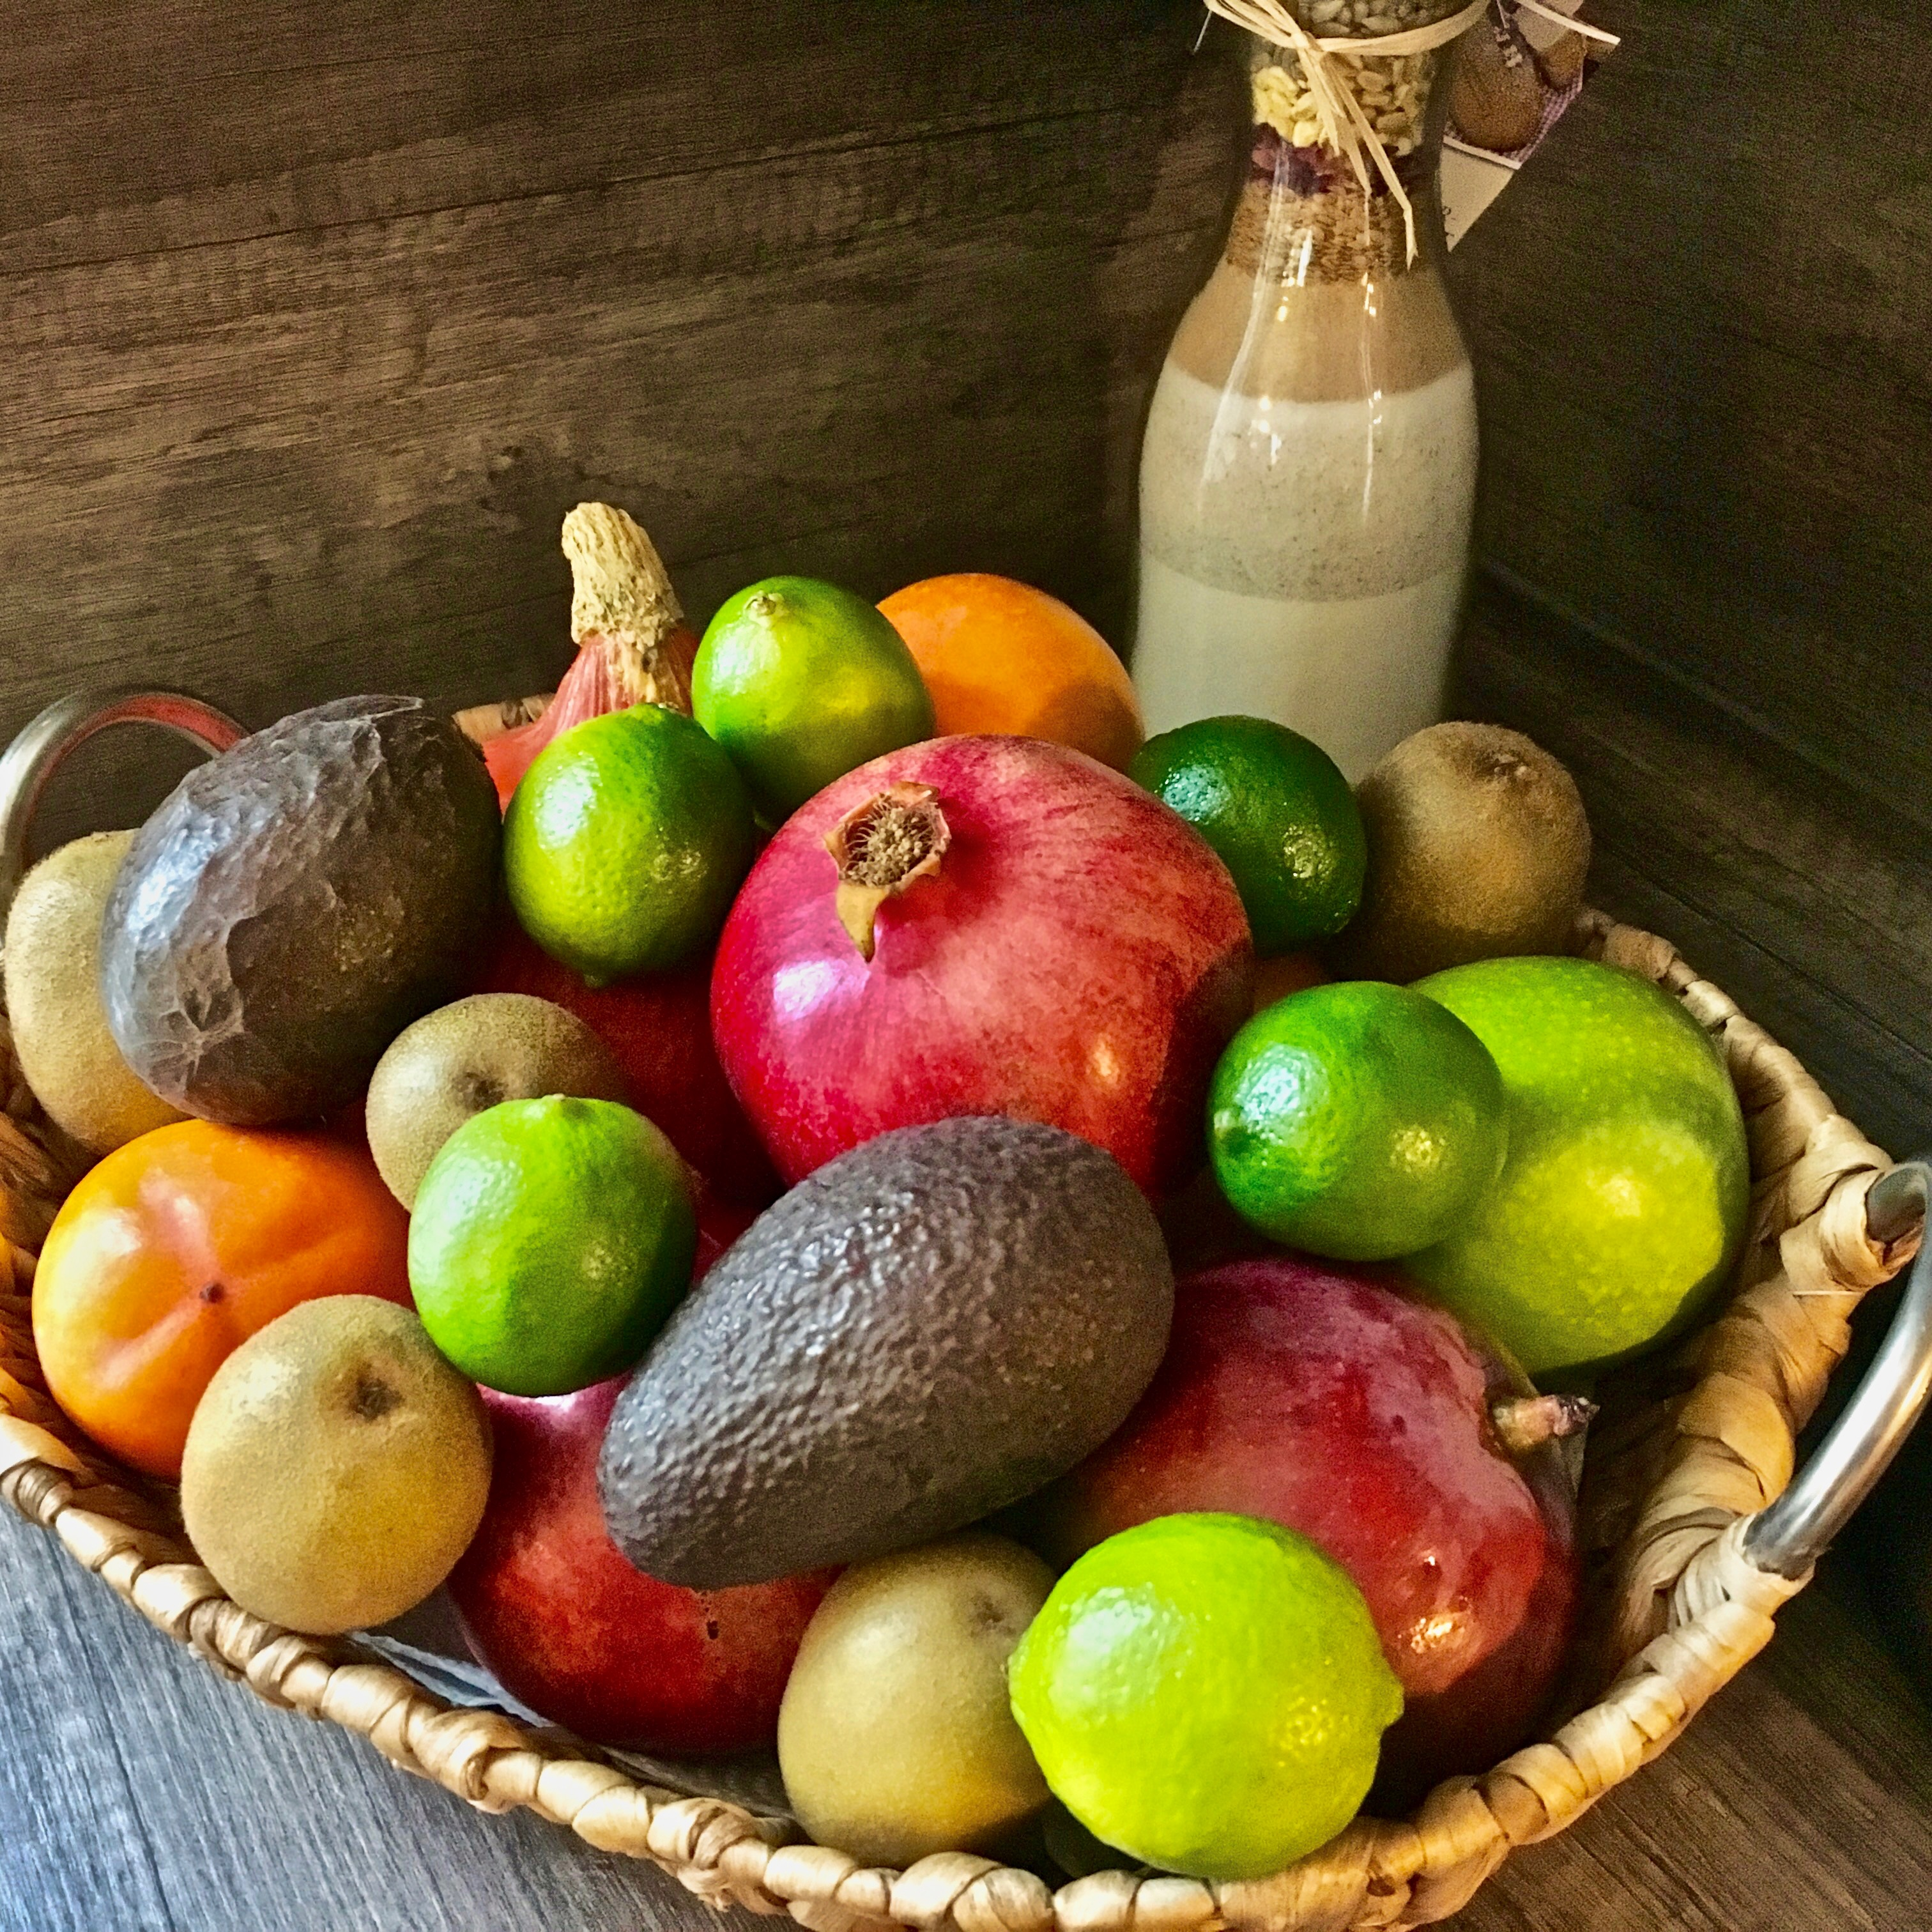 Obst eignet sich hervorragend als Snack zwischendurch. Je bunter desto vielfältiger die mitgelieferten Vitamine, Mineralstoffe und sekundären Pflanzenstoffe. Aber Vorsicht: hier lauert die Zuckerfalle! Also Obst in Maßen genießen, die Menge macht's.